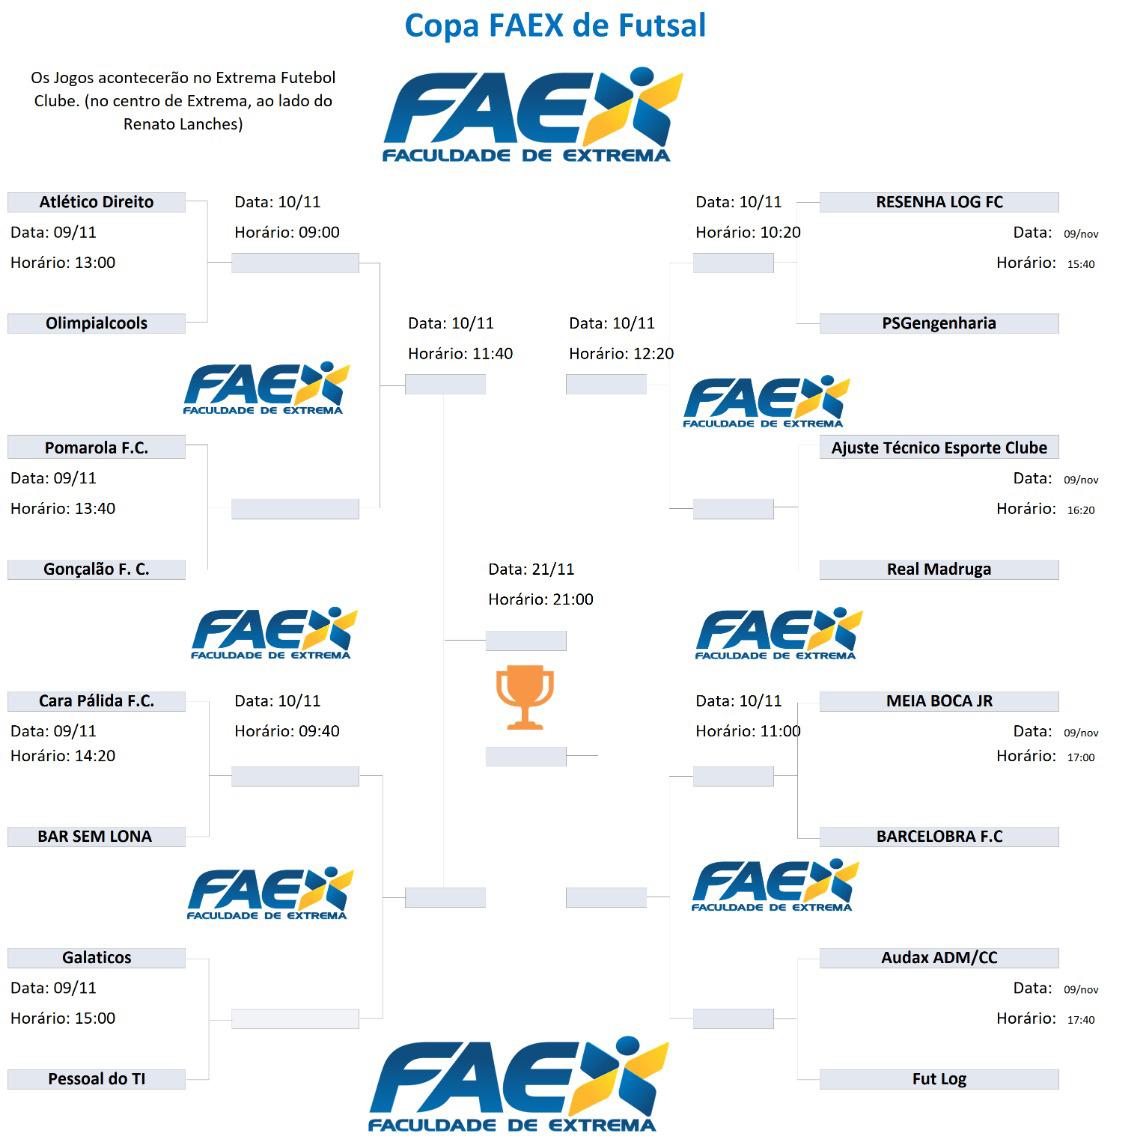 tabela COPA FAEX